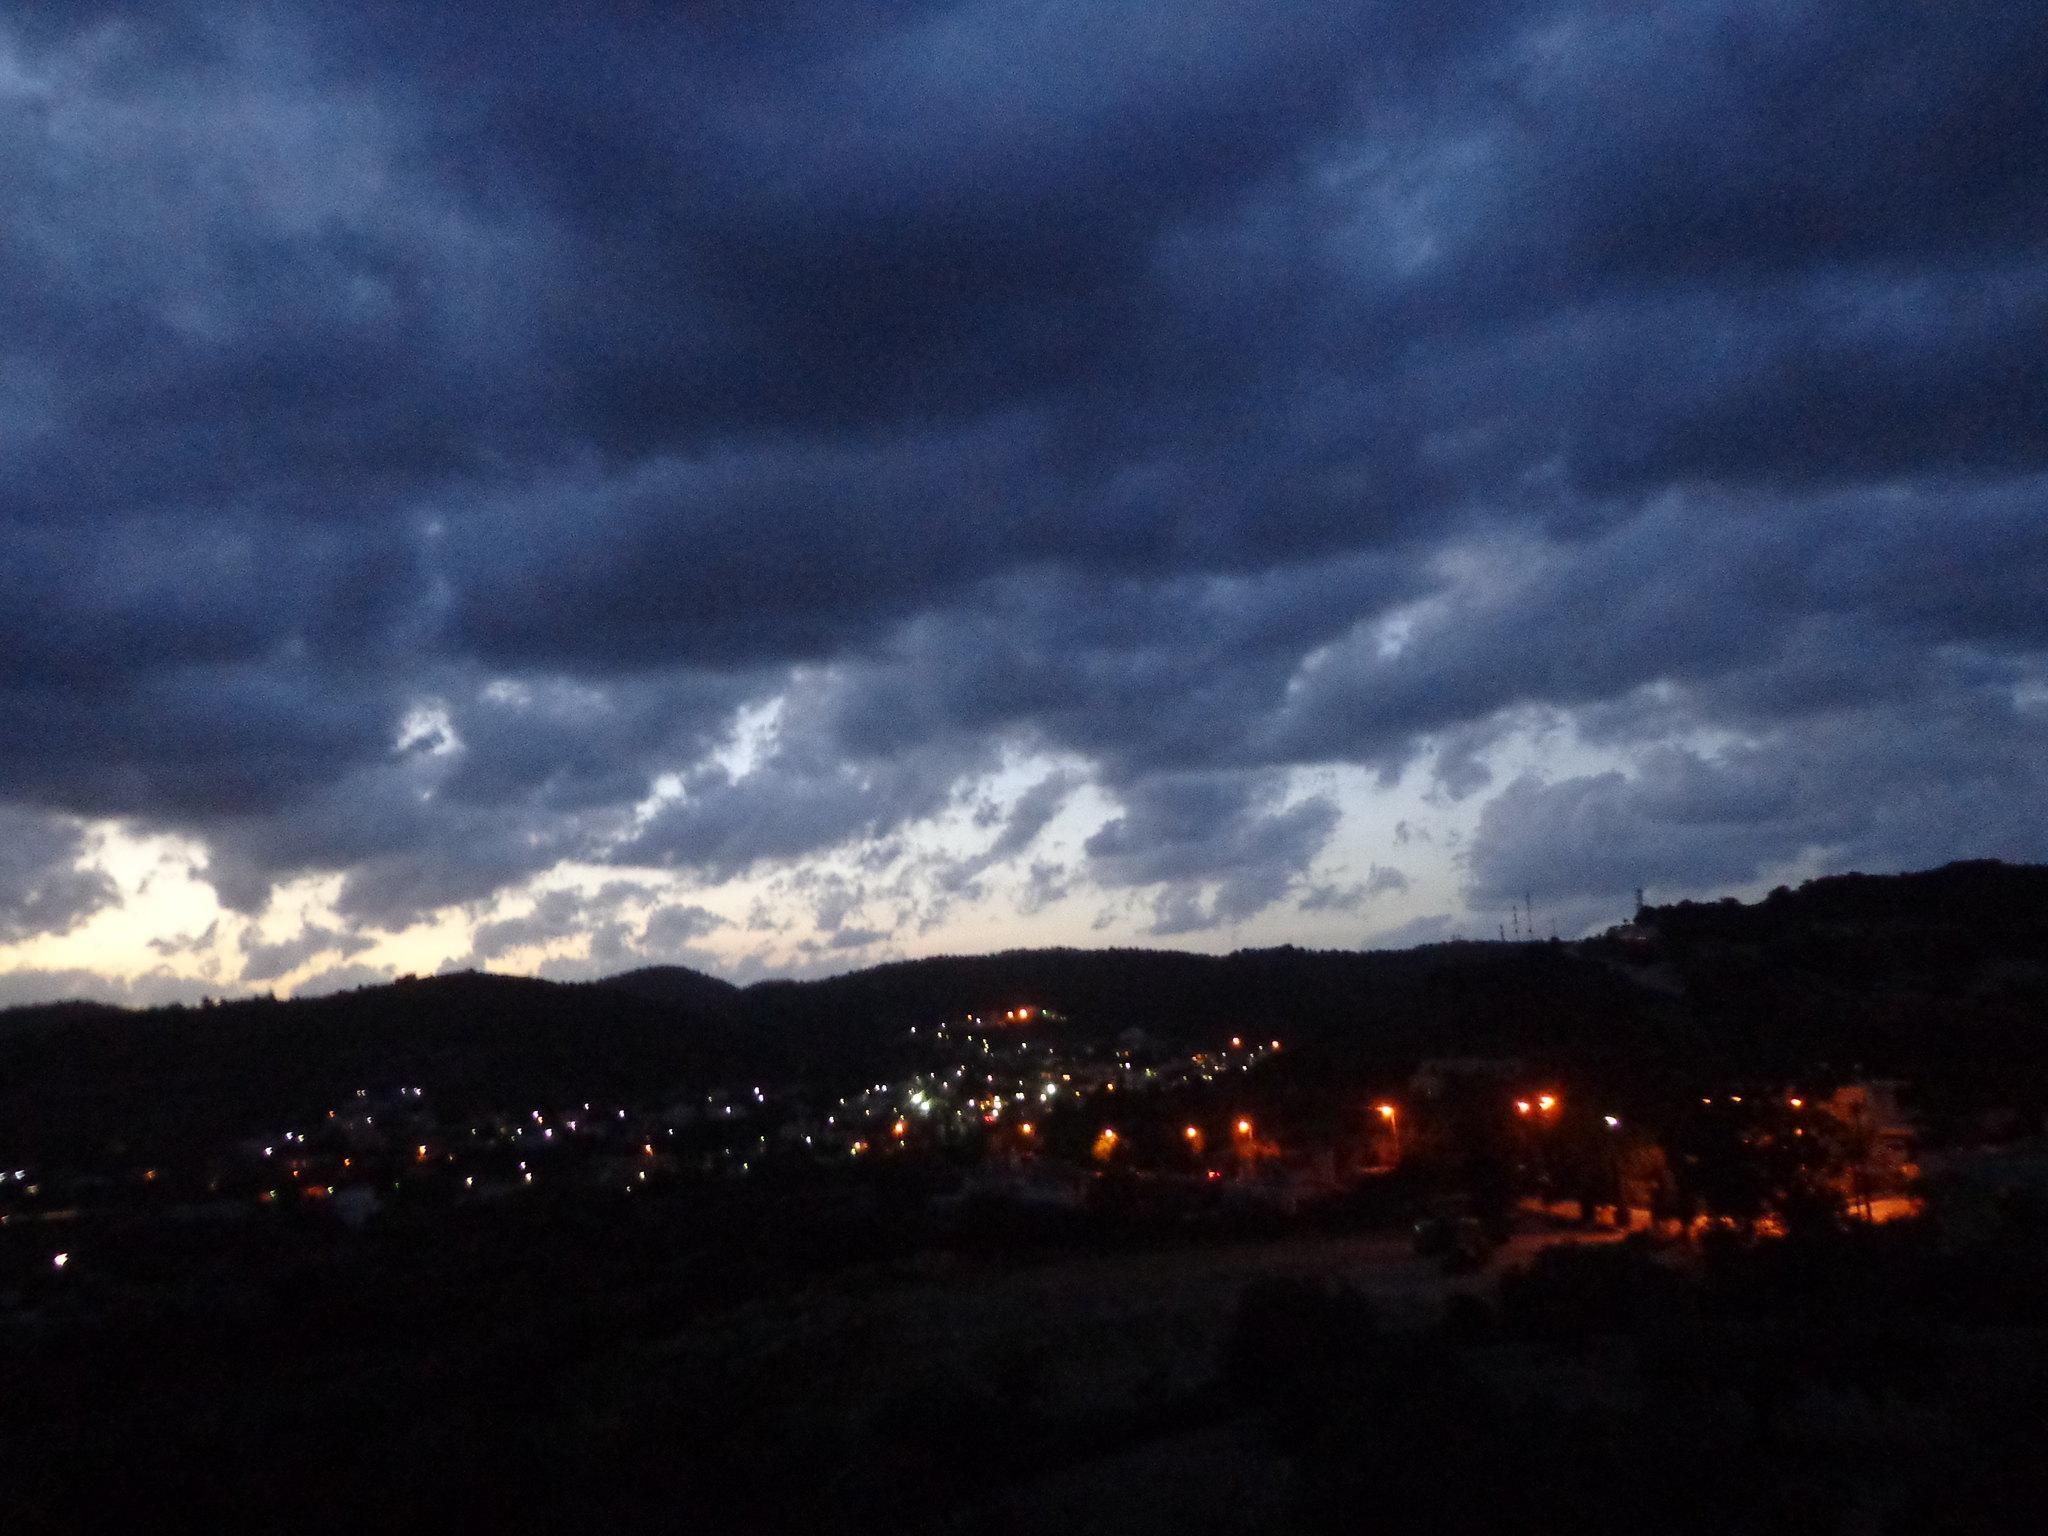 Άποψη του χωριού πρίν την καταιγίδα - Κακοκαιρία, Ισχυροί άνεμοι, Ψίνθος